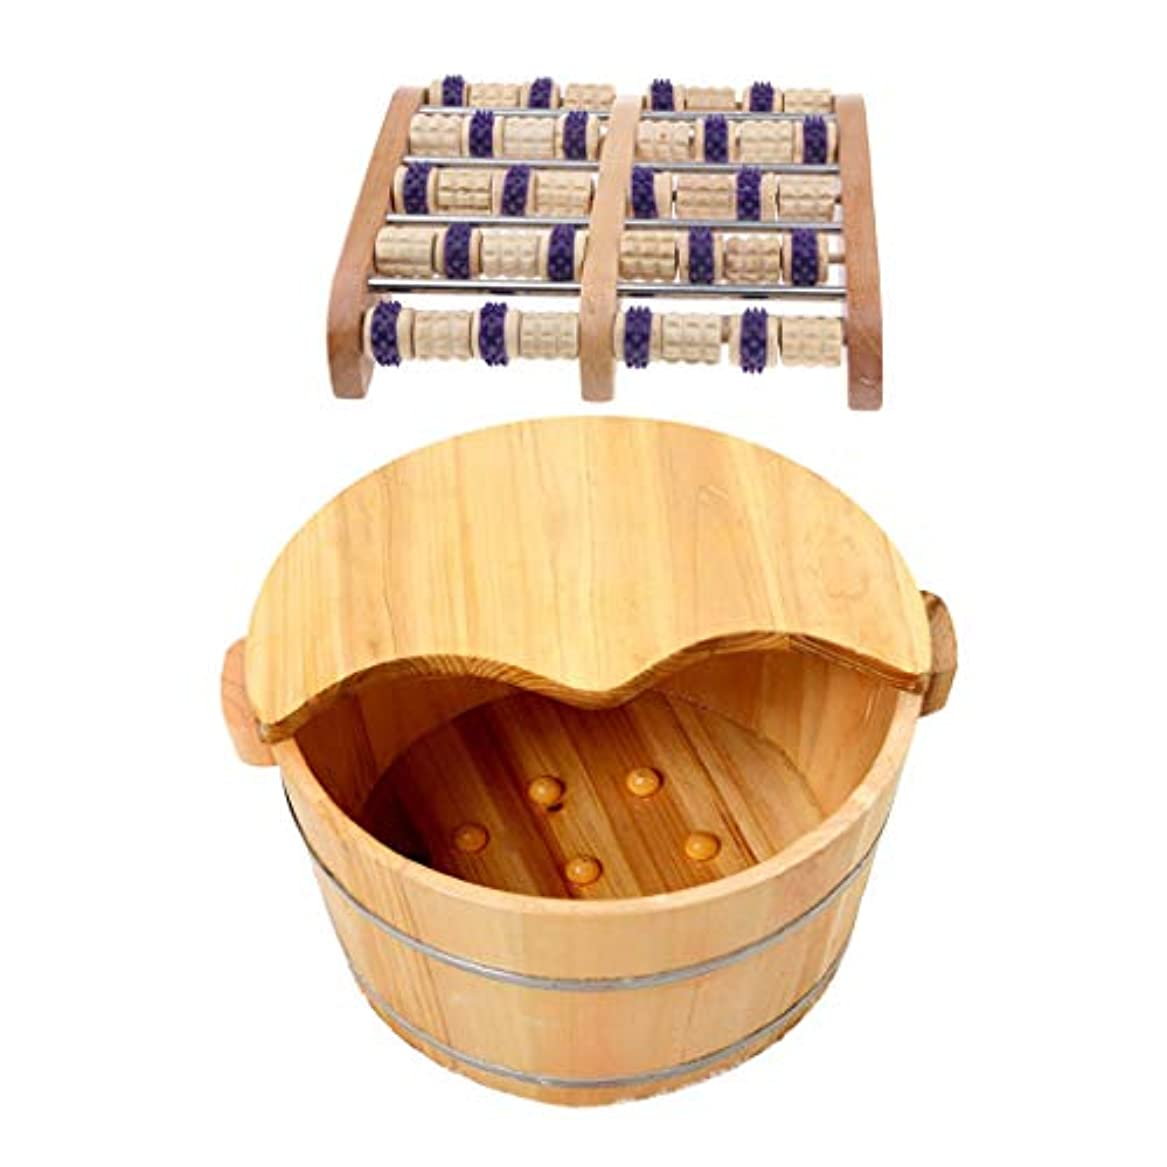 熟達したみシャトルFenteer 足つぼマッサージ 手作りウッドマッサー フット ローラー 足裏刺激 血行促進 木製の足の洗面台付き